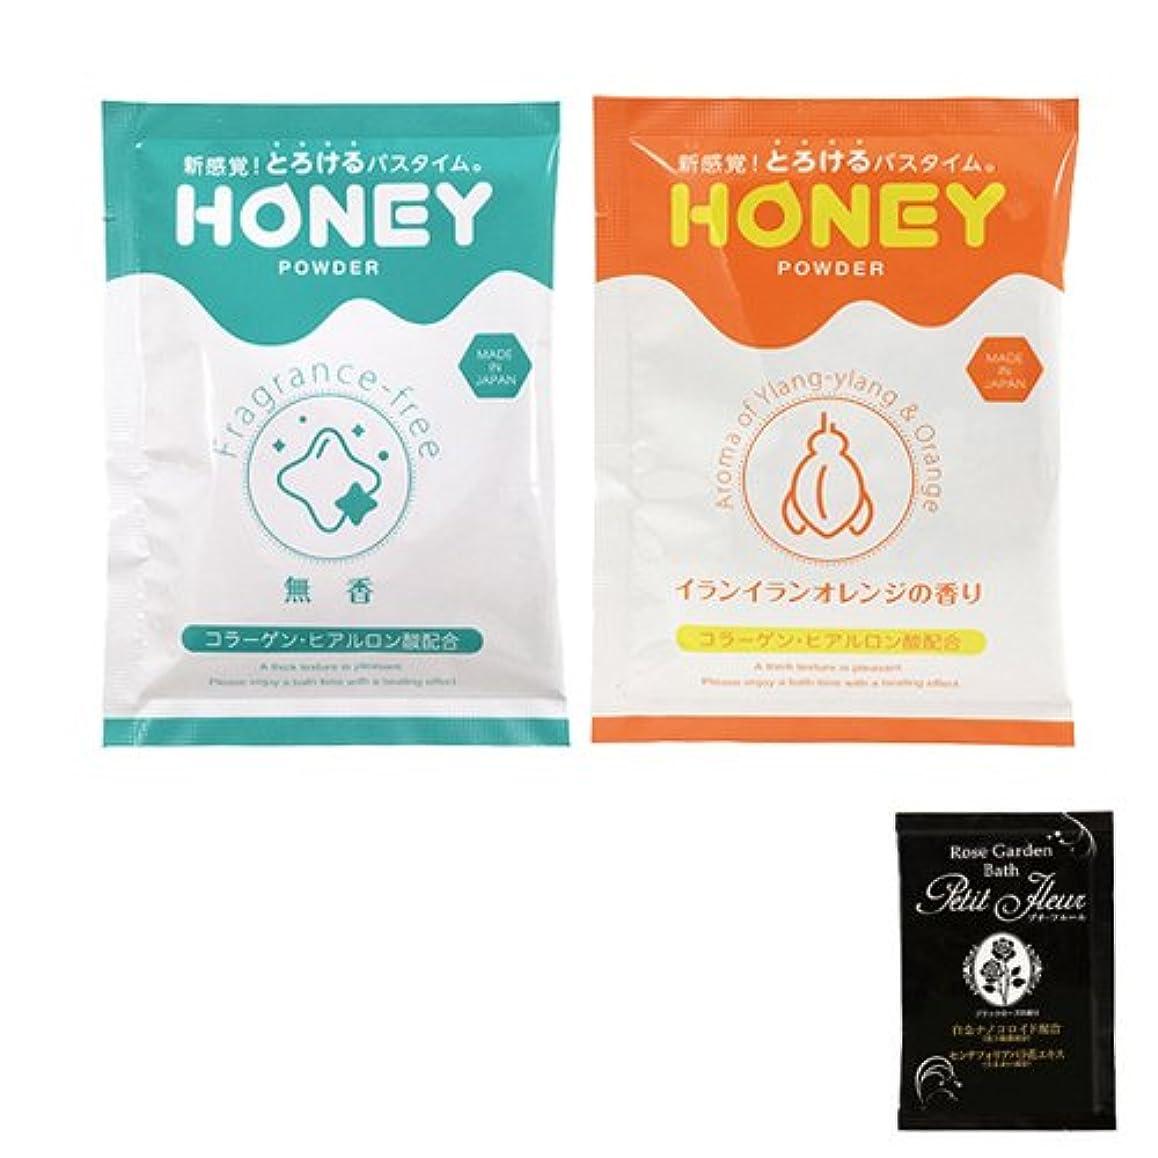 買収ジェーンオースティンシャープとろとろ入浴剤【honey powder】粉末タイプ イランイランオレンジの香り + 無香 + 入浴剤(プチフルール)1回分